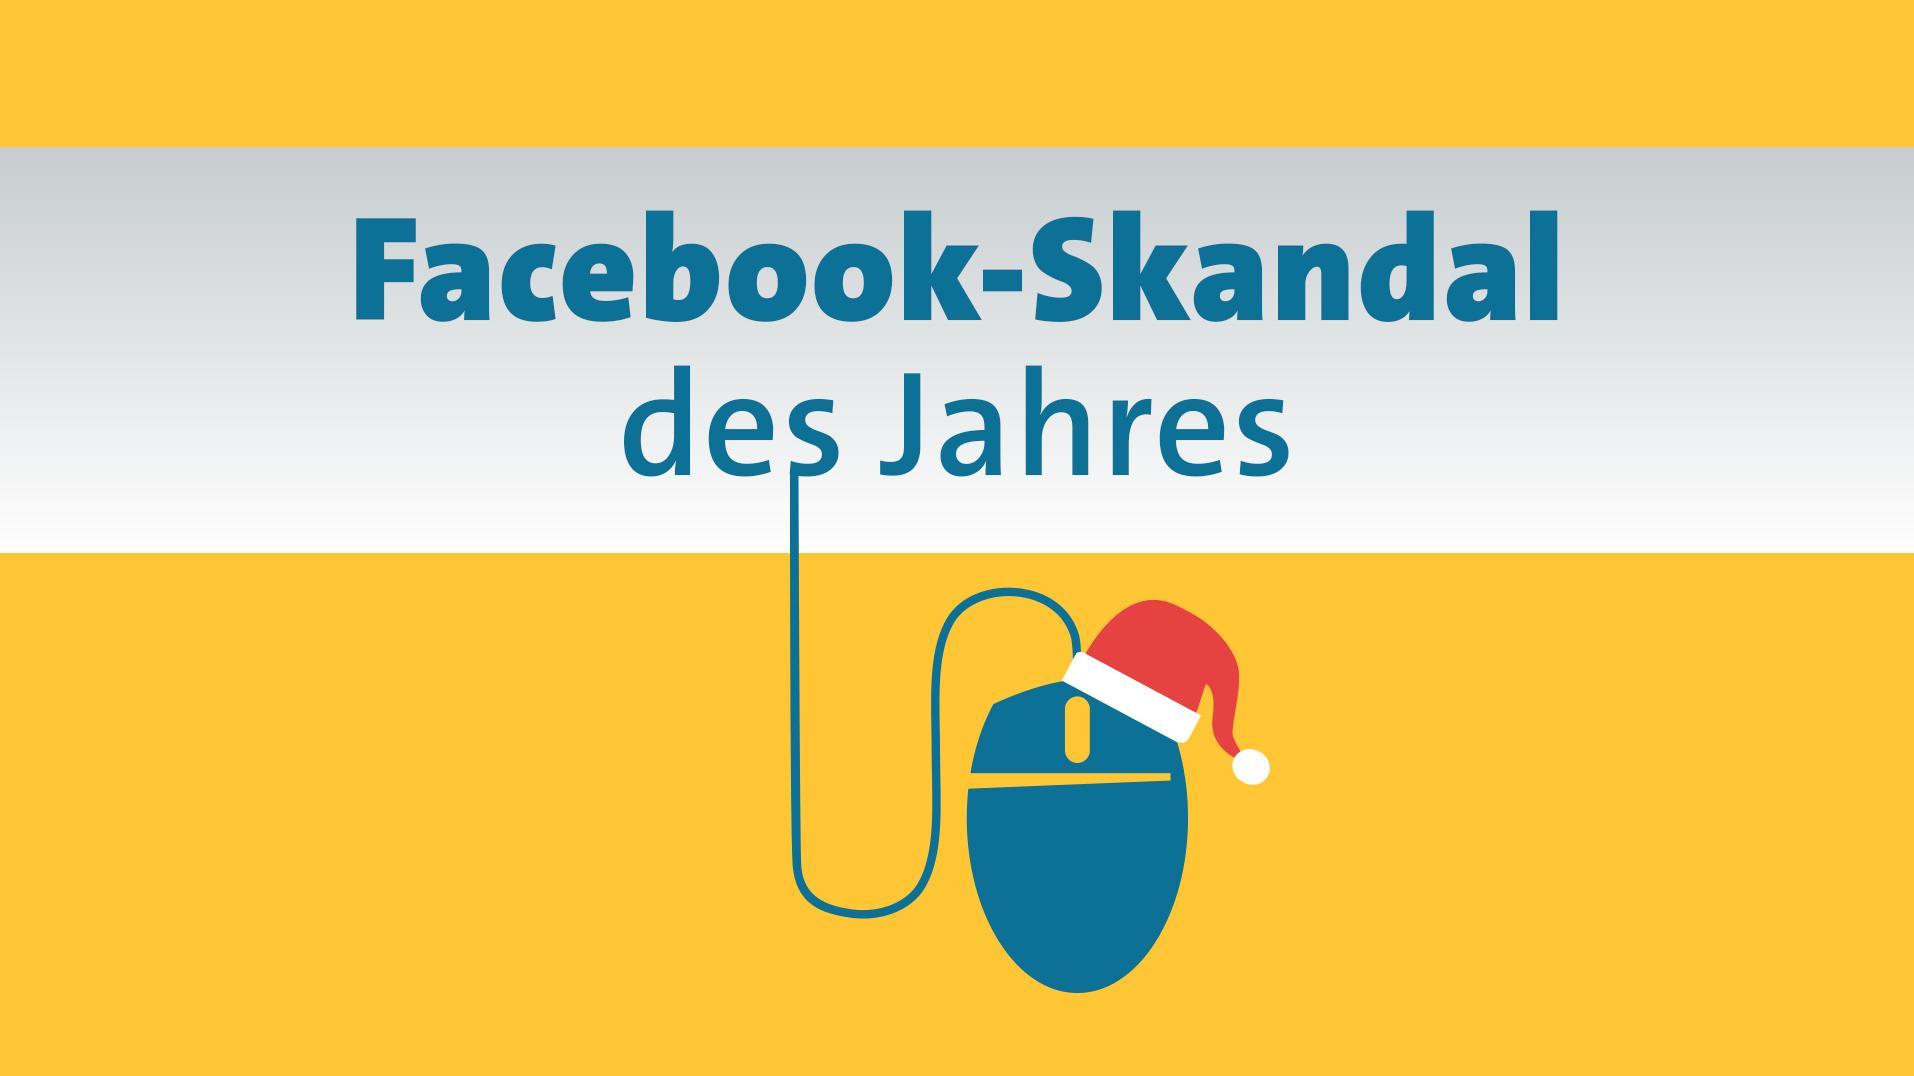 Kategorie: Facebook-Skandal des Jahres